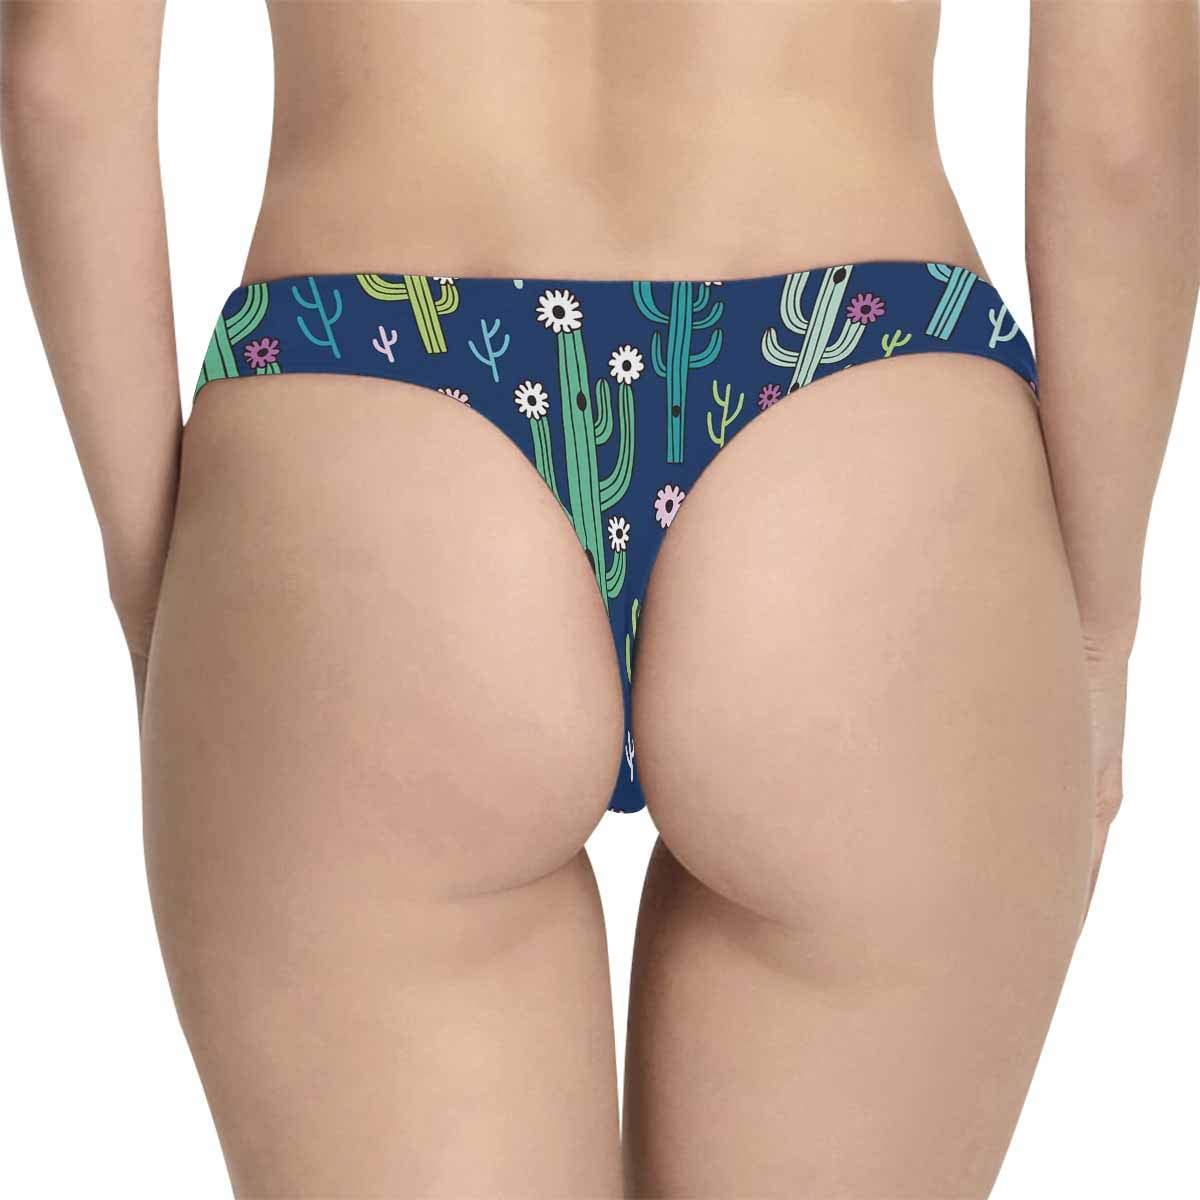 INTERESTPRINT Womens Underwear Panties Soft Thongs Cute Blooming Cactuses on Dark Blue Background